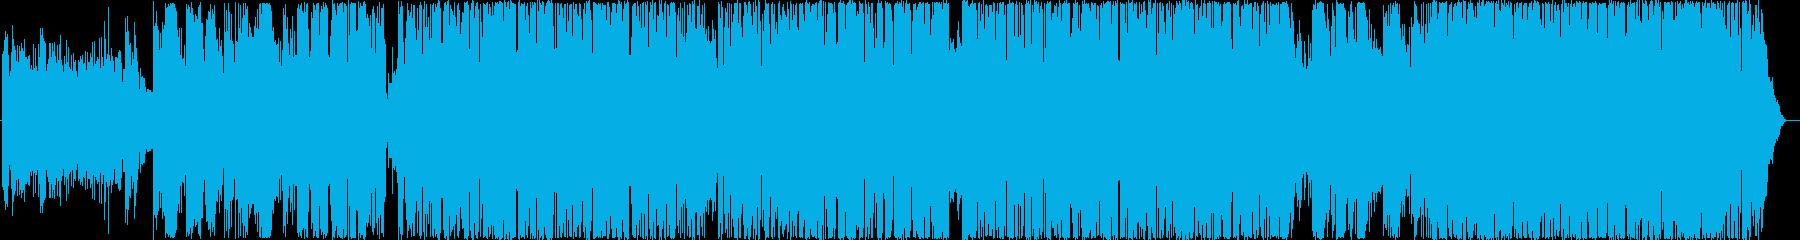 ニューエイジ、ピアノ、ベルメロディ...の再生済みの波形